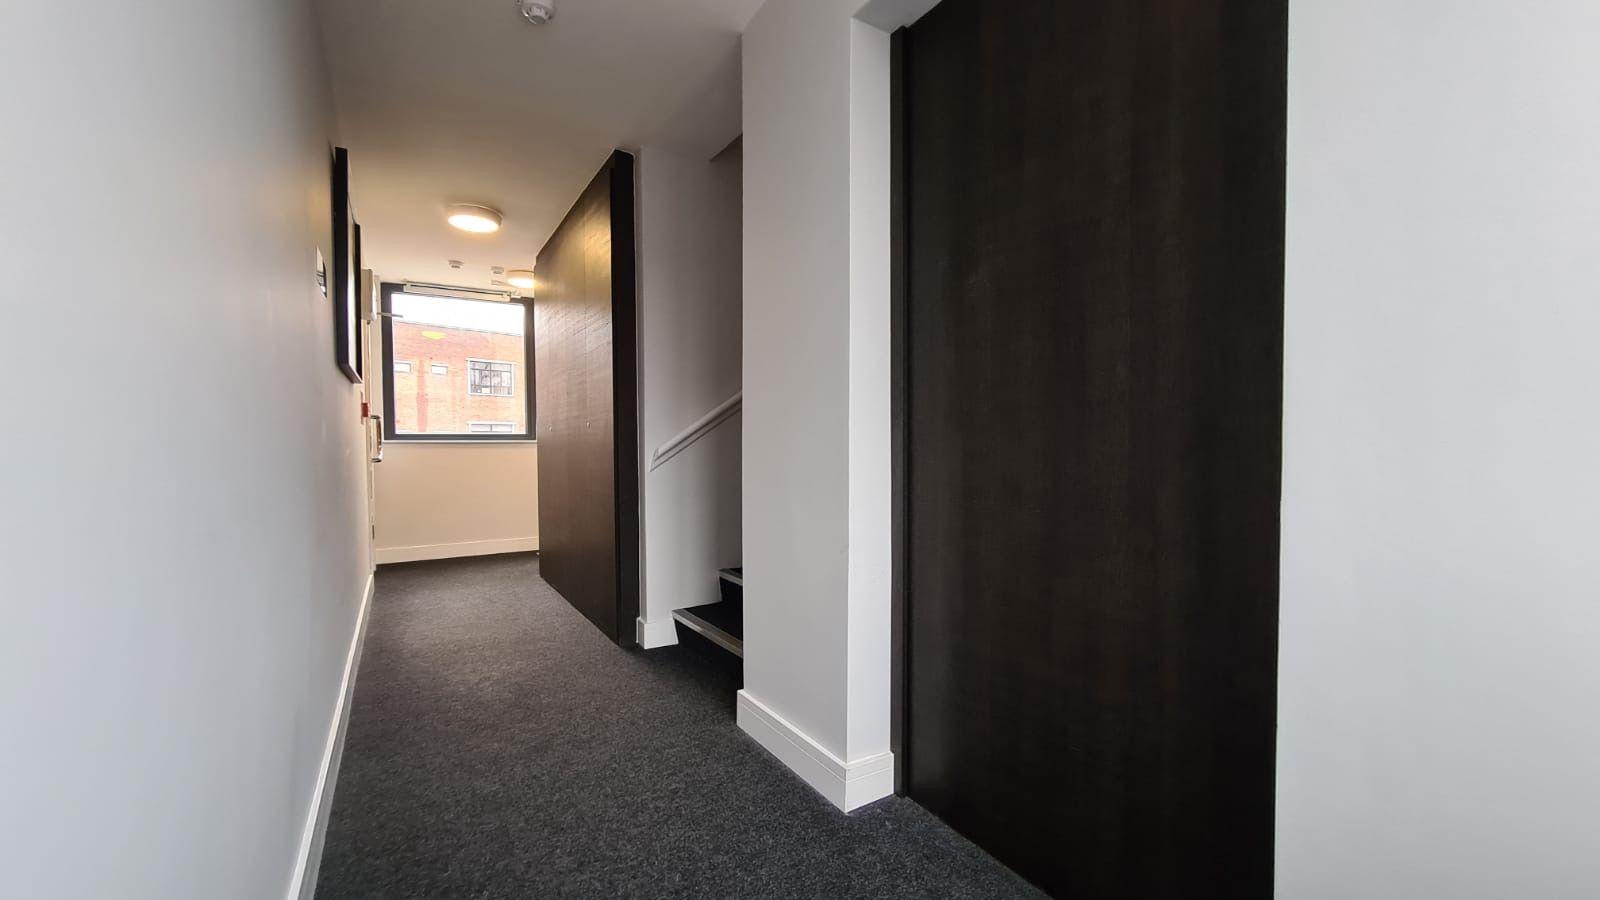 1 bedroom flat flat/apartment To Let in Kingsbury - Communal Hallway